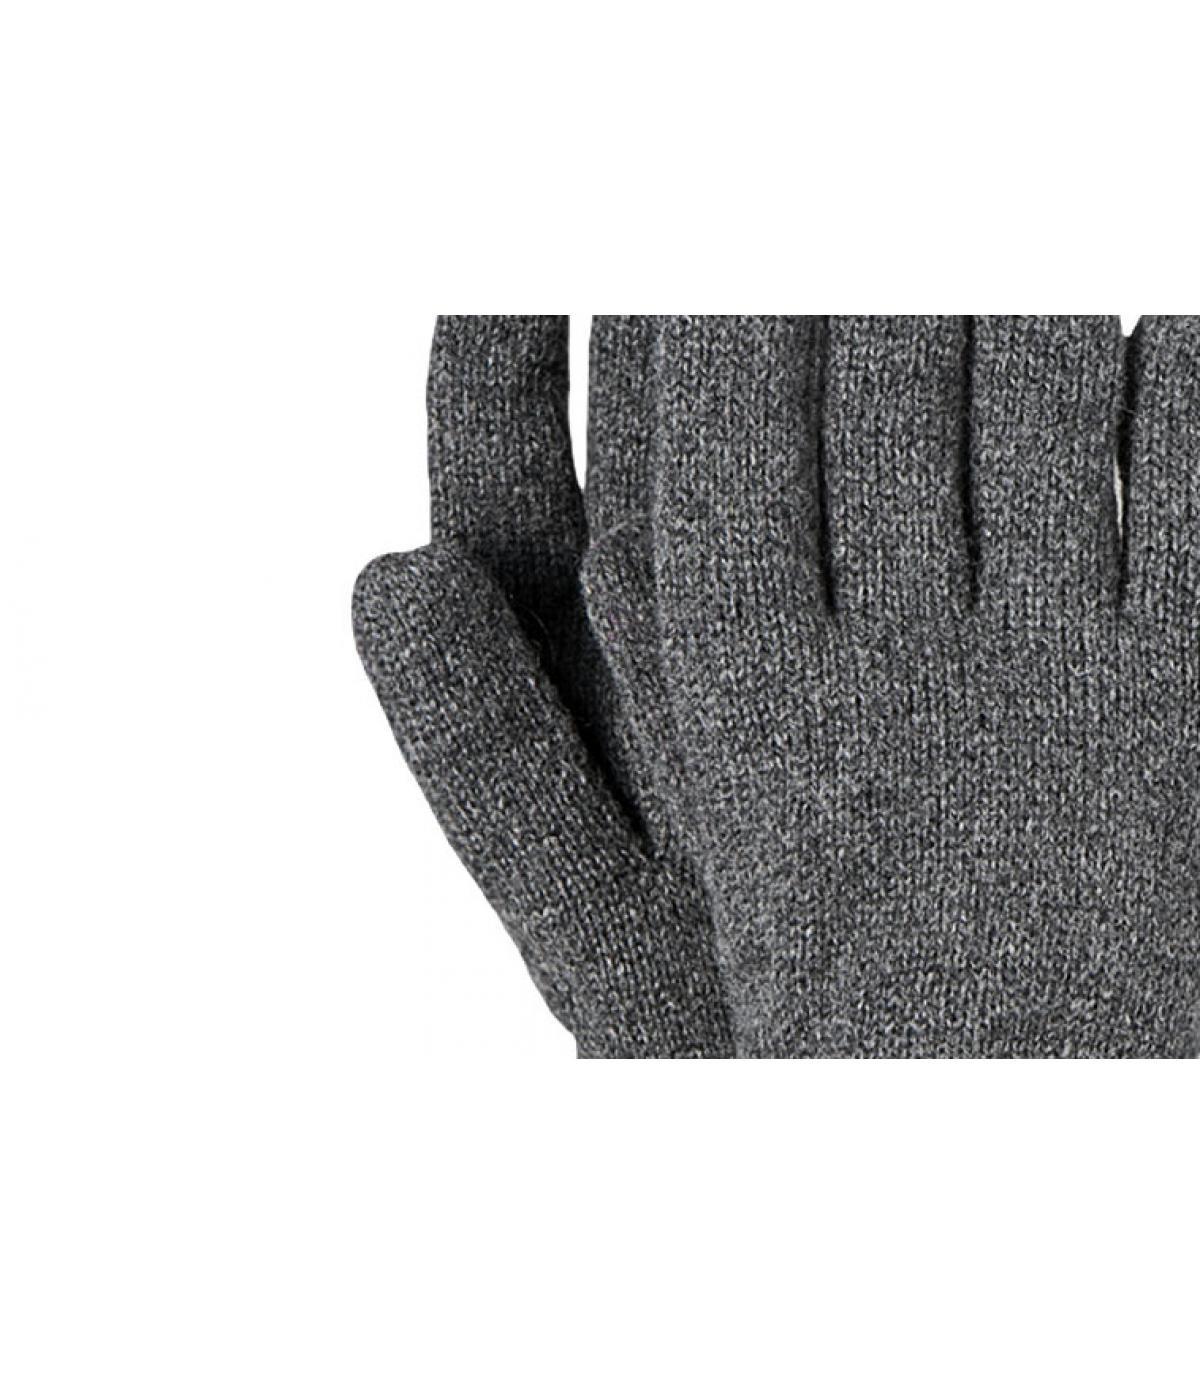 Details Haakon handschoenen grijs - afbeeling 2